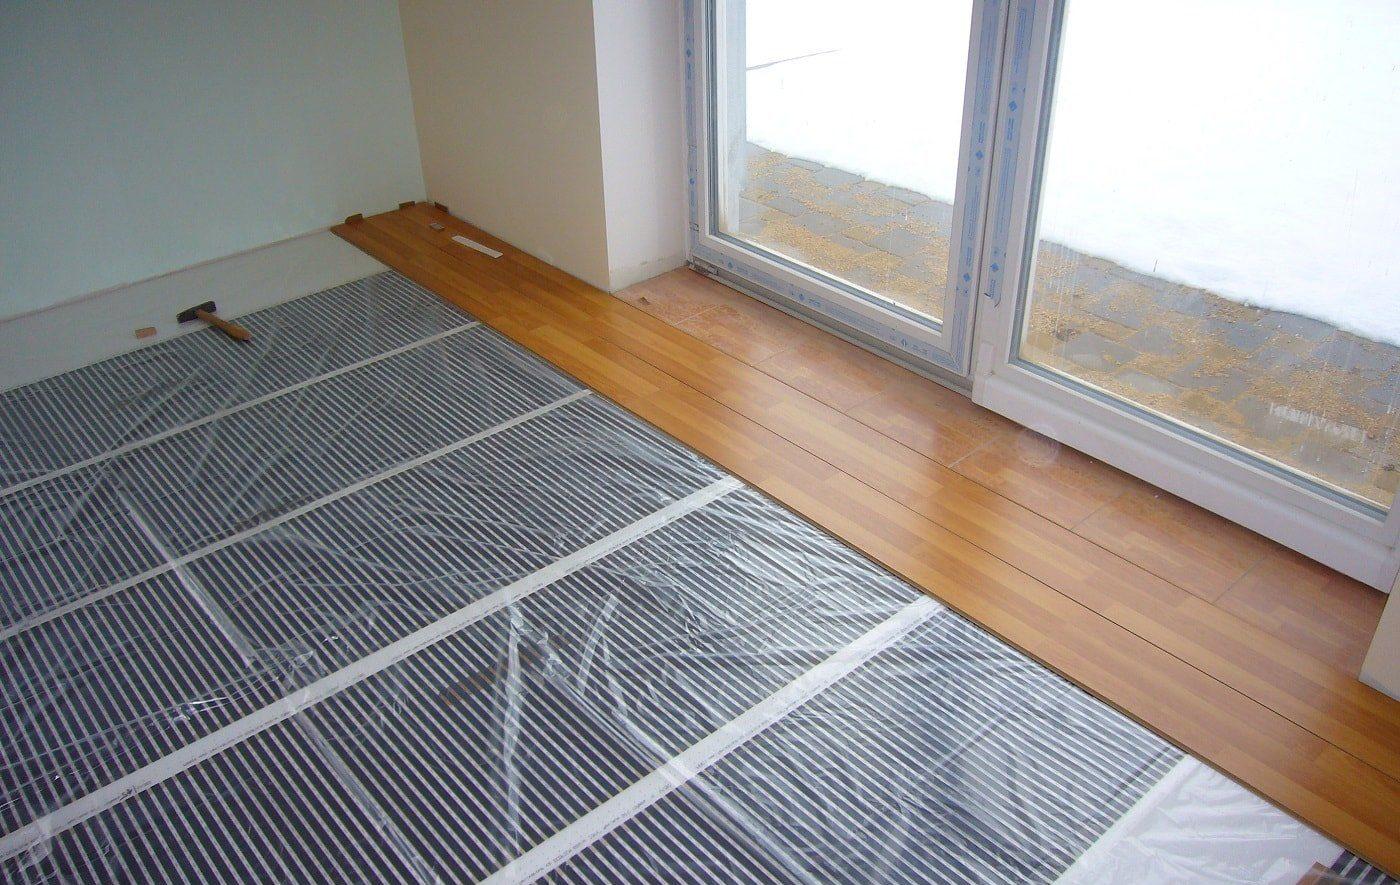 Как укладывать ламинат на теплый пол?